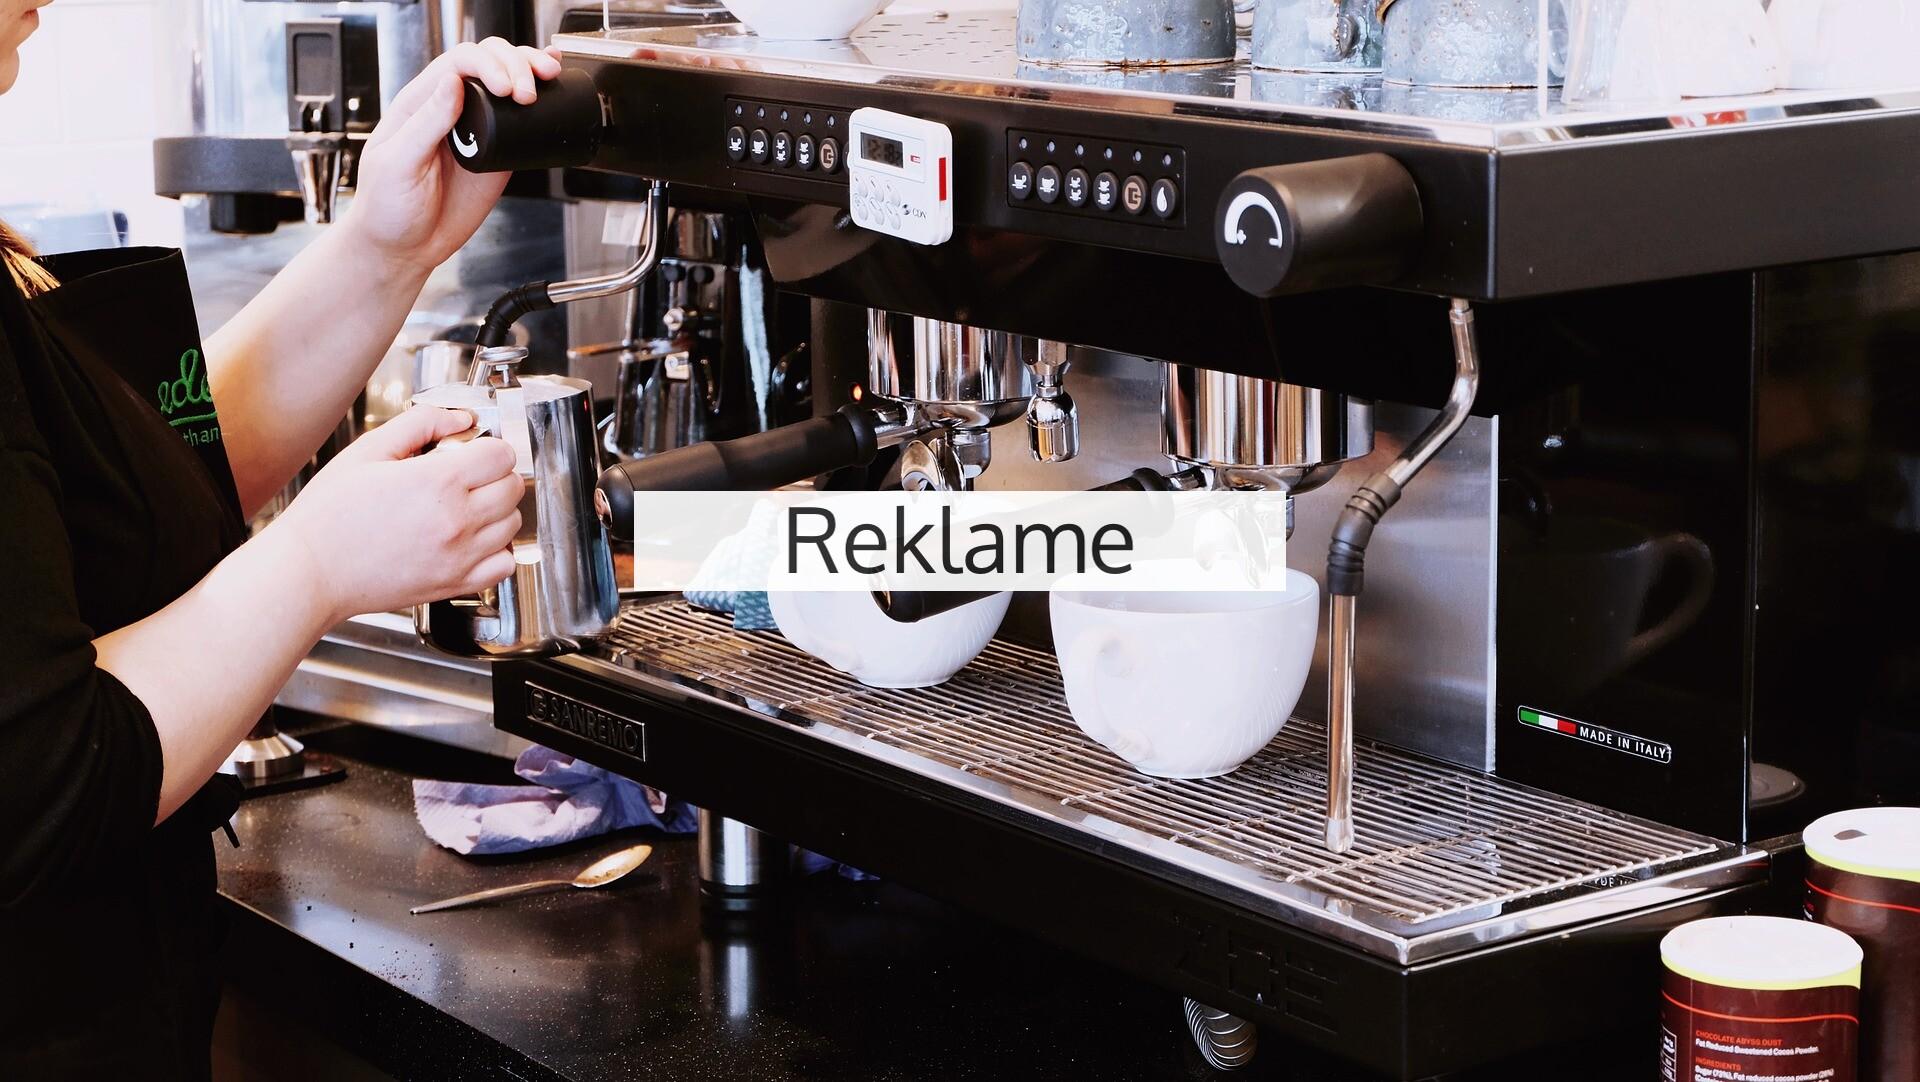 Sådan finder du en god kaffemaskine til dit køkken